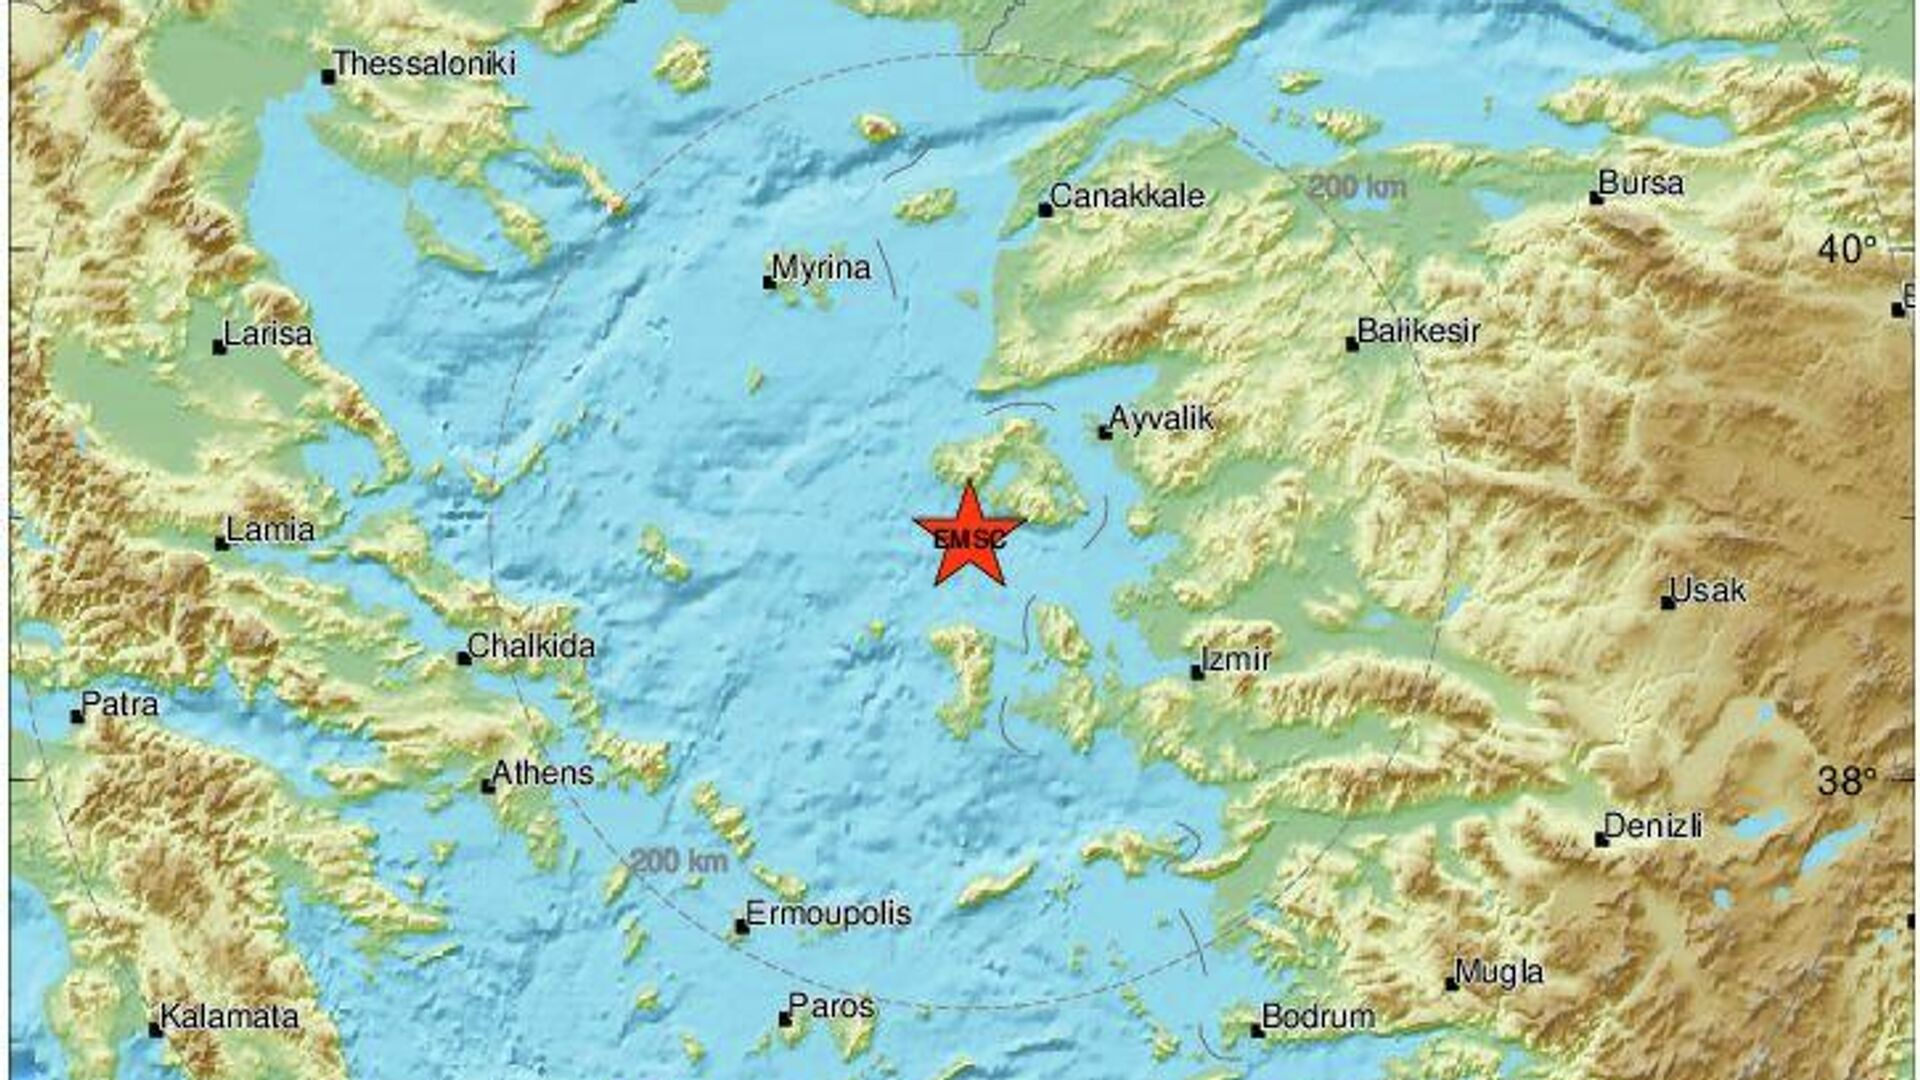 Σεισμός ανοιχτά της Μυτιλήνης - Sputnik Ελλάδα, 1920, 27.07.2021